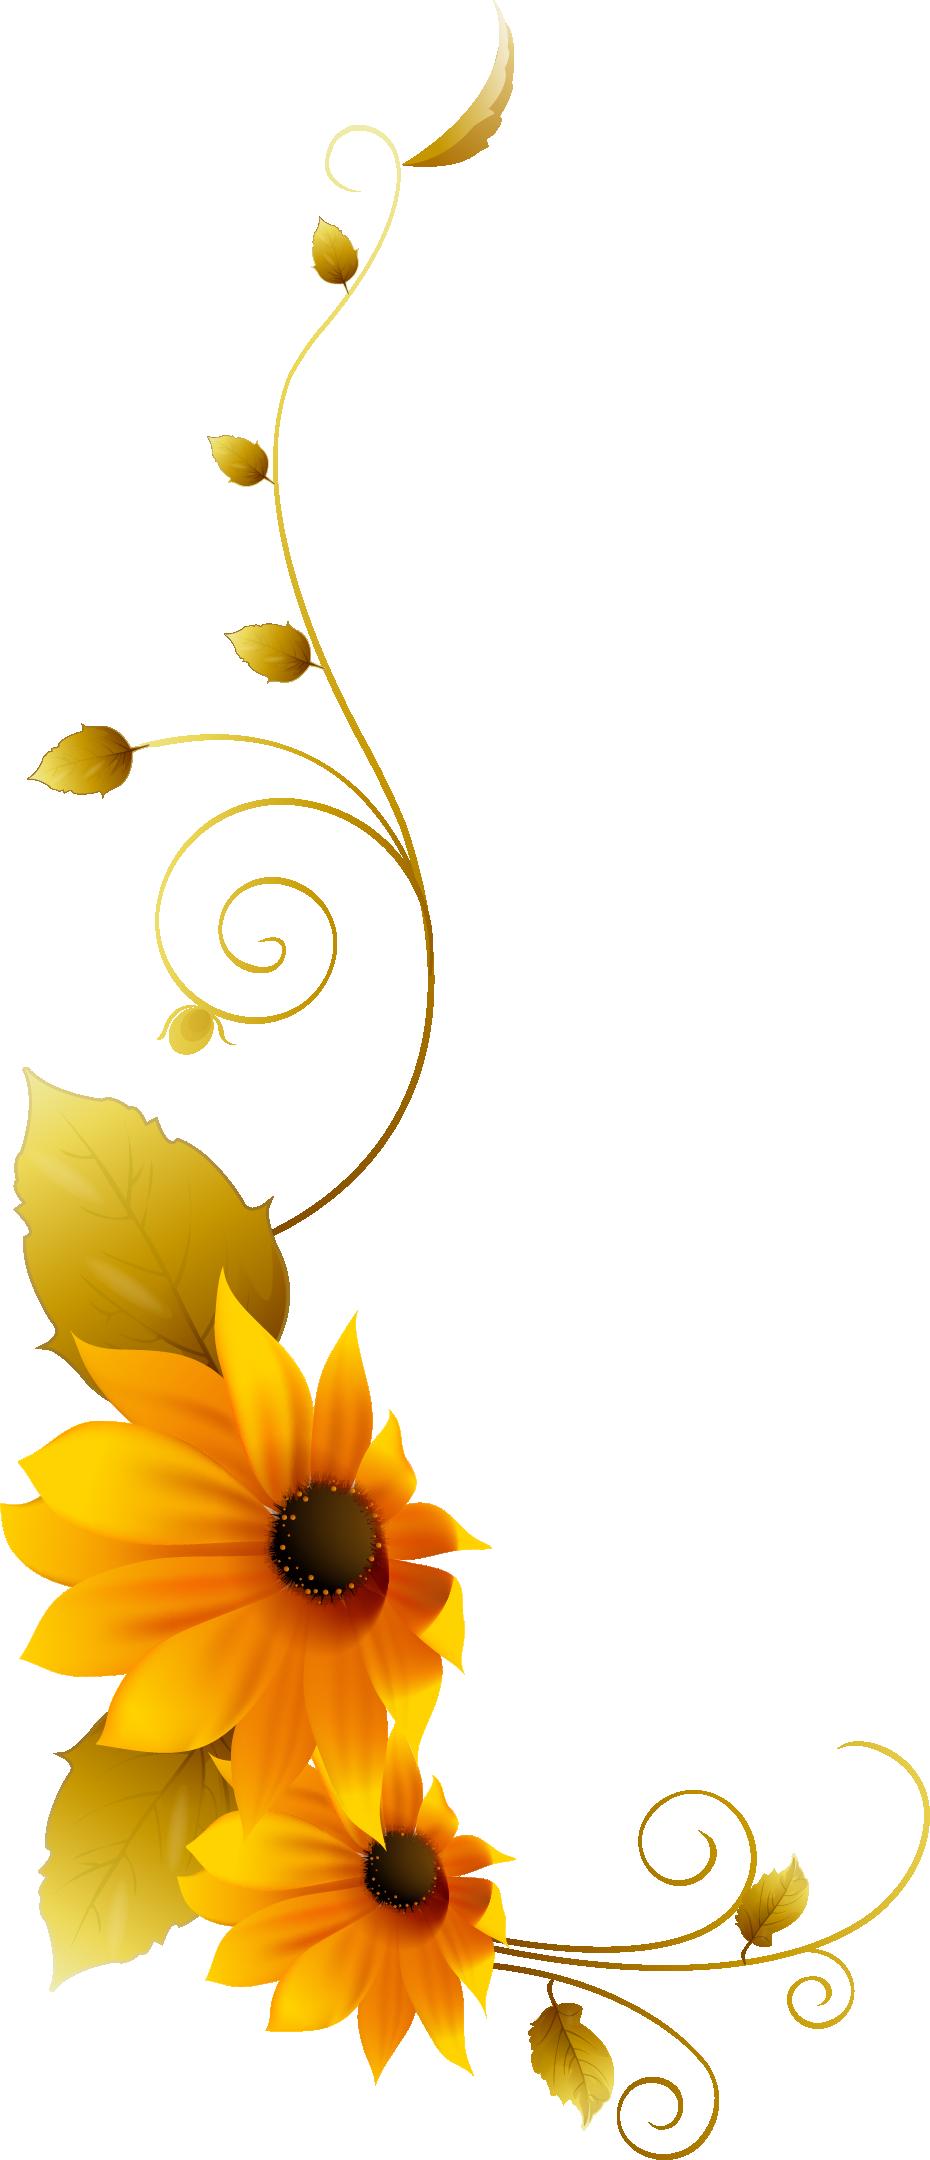 Chrysanthemum clip art yellow. Daisies clipart vine